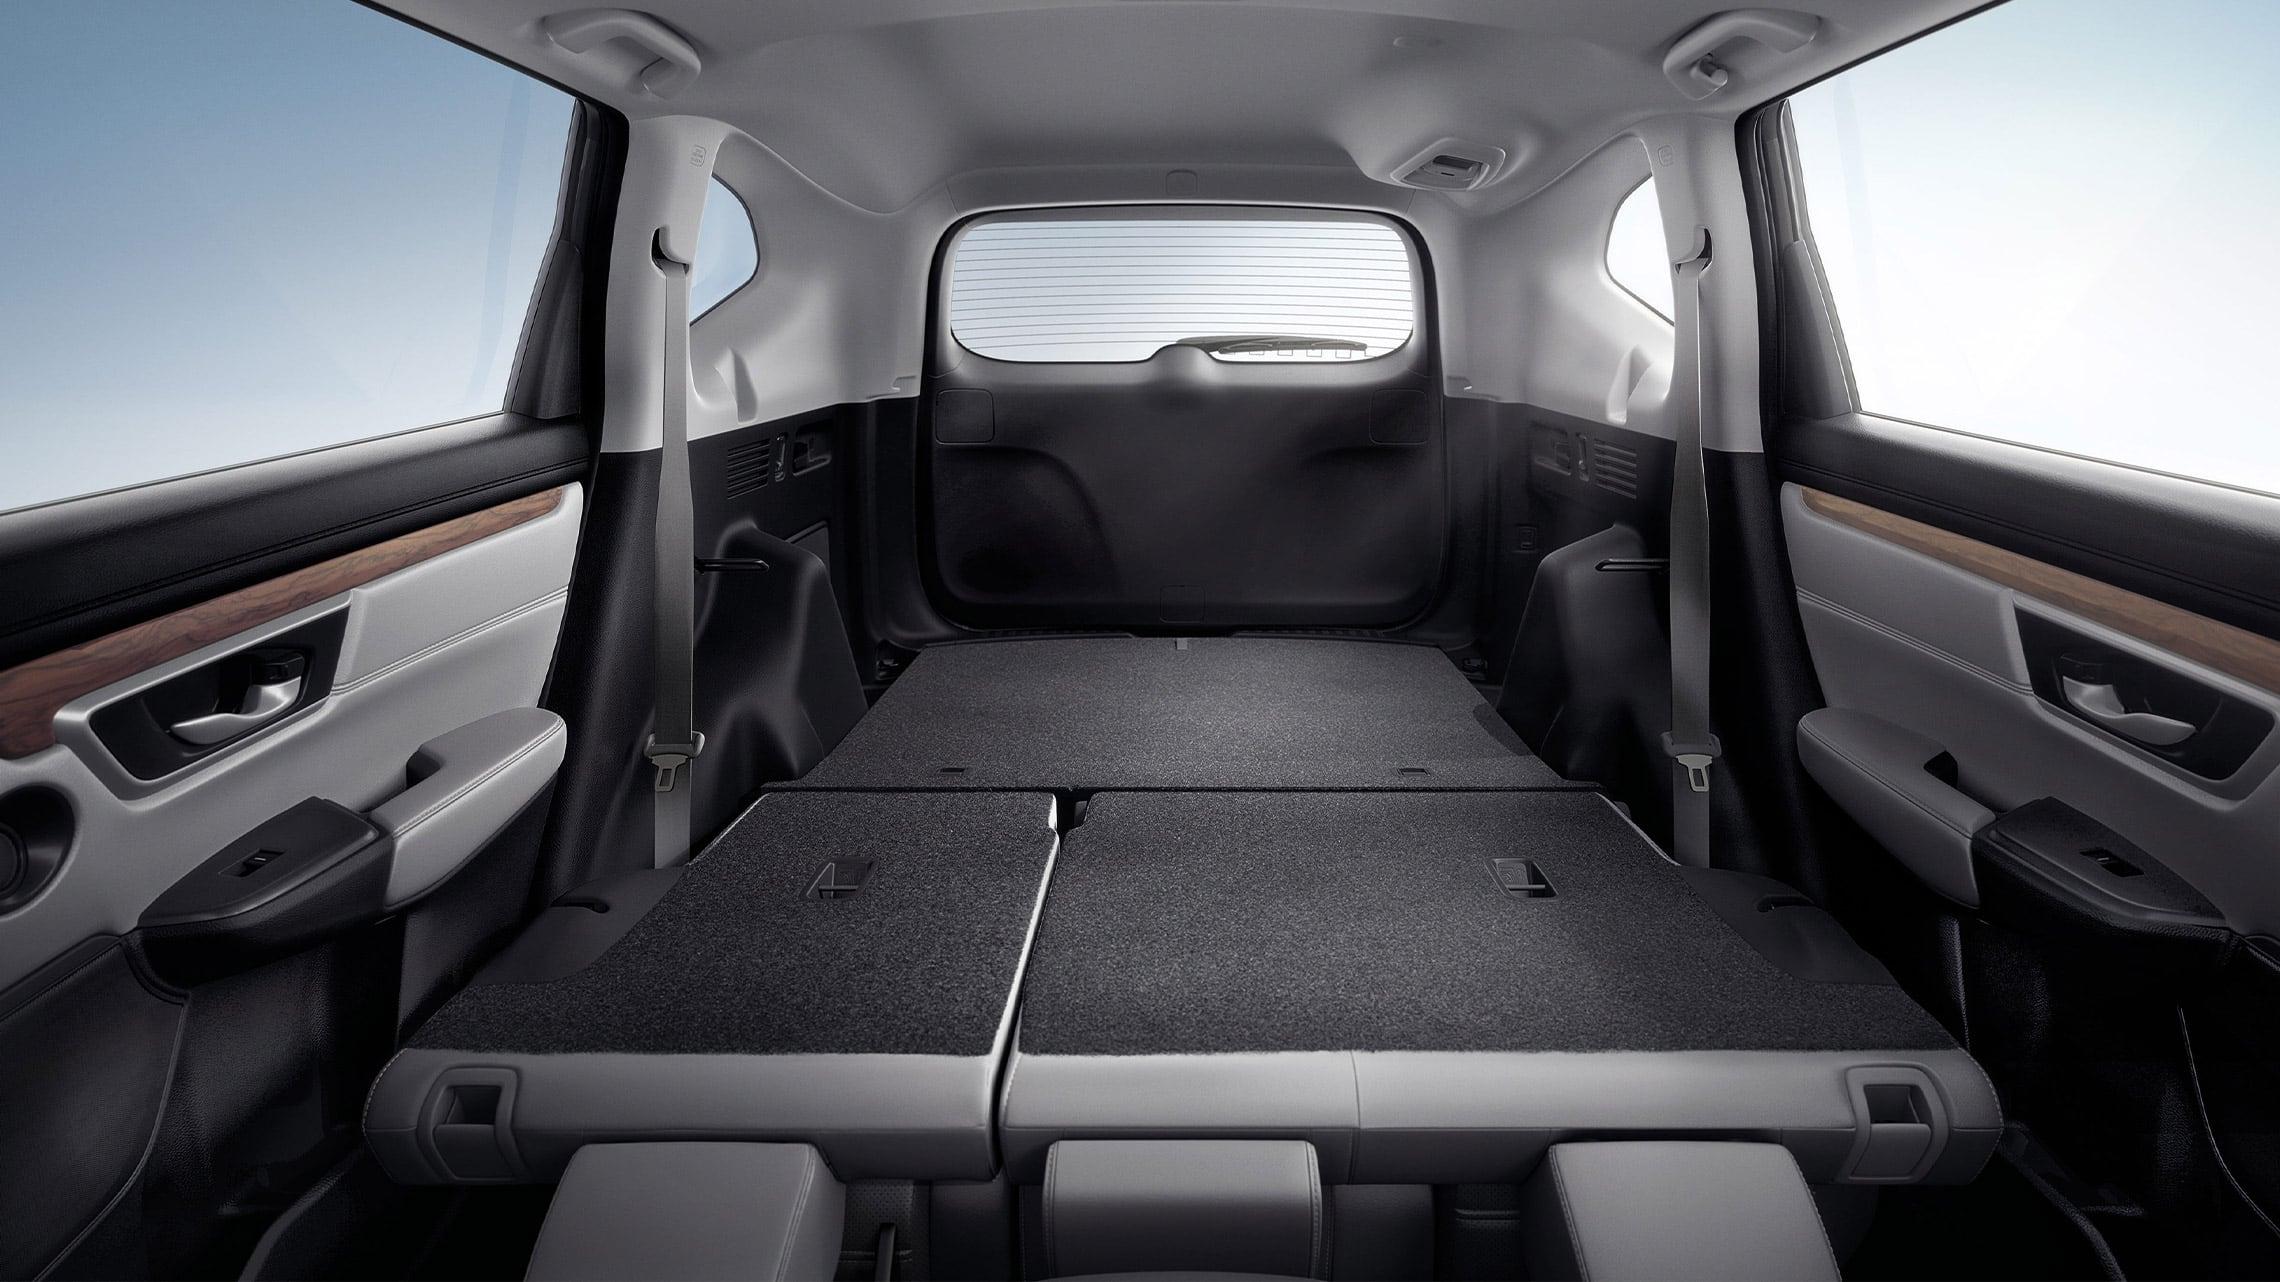 Vista interior de la Honda CR-V 2020 con Gray Leather que muestra los respaldos traseros abatibles 60/40 que se pliegan con facilidad.